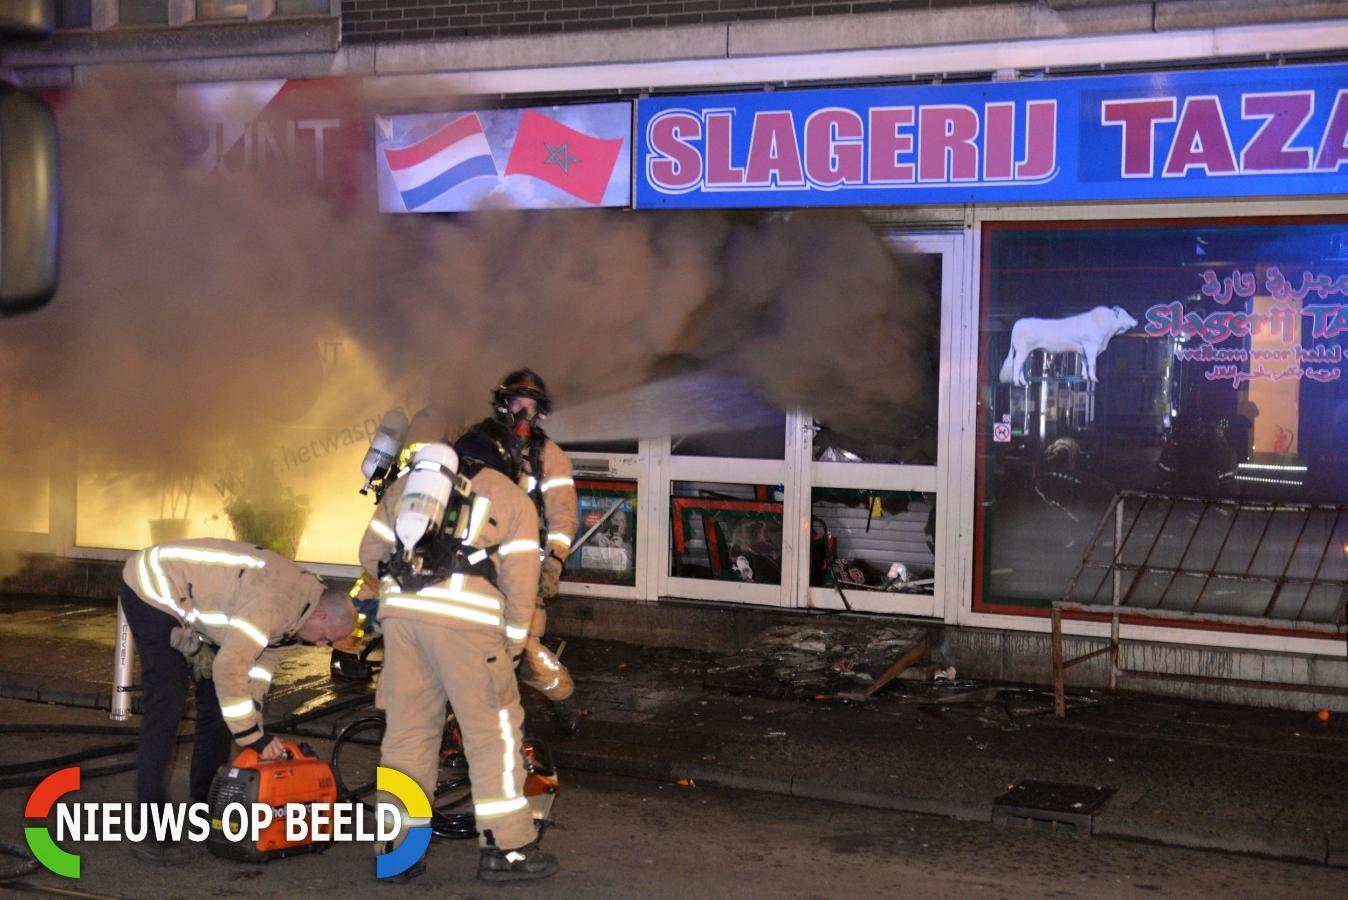 Felle brand verwoest slagerij, hulpverleners bekogeld met zwaar vuurwerk Goudse Rijweg Rotterdam (VIDEO)